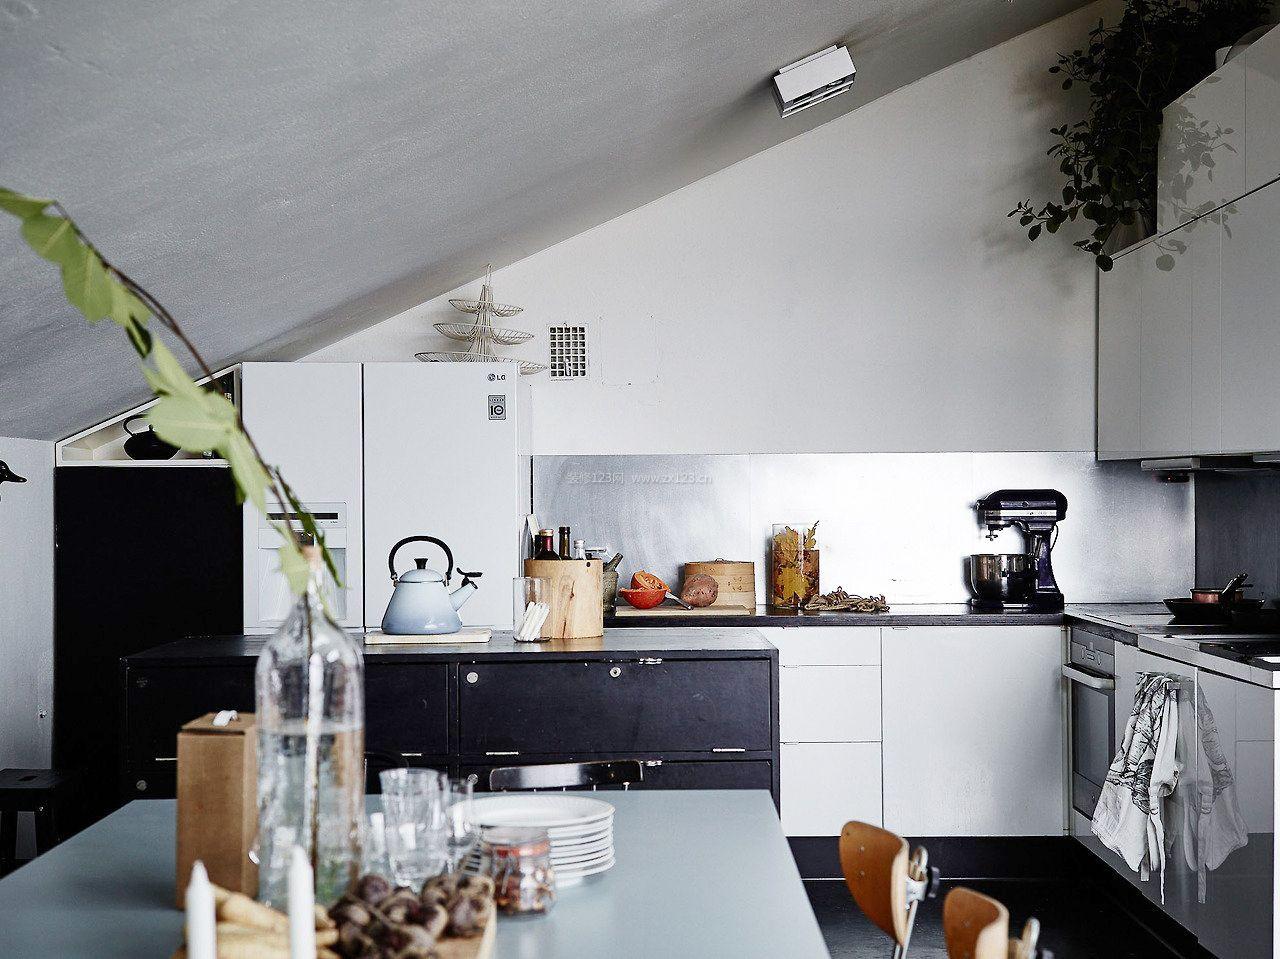 带斜顶阁楼厨房装修效果图片